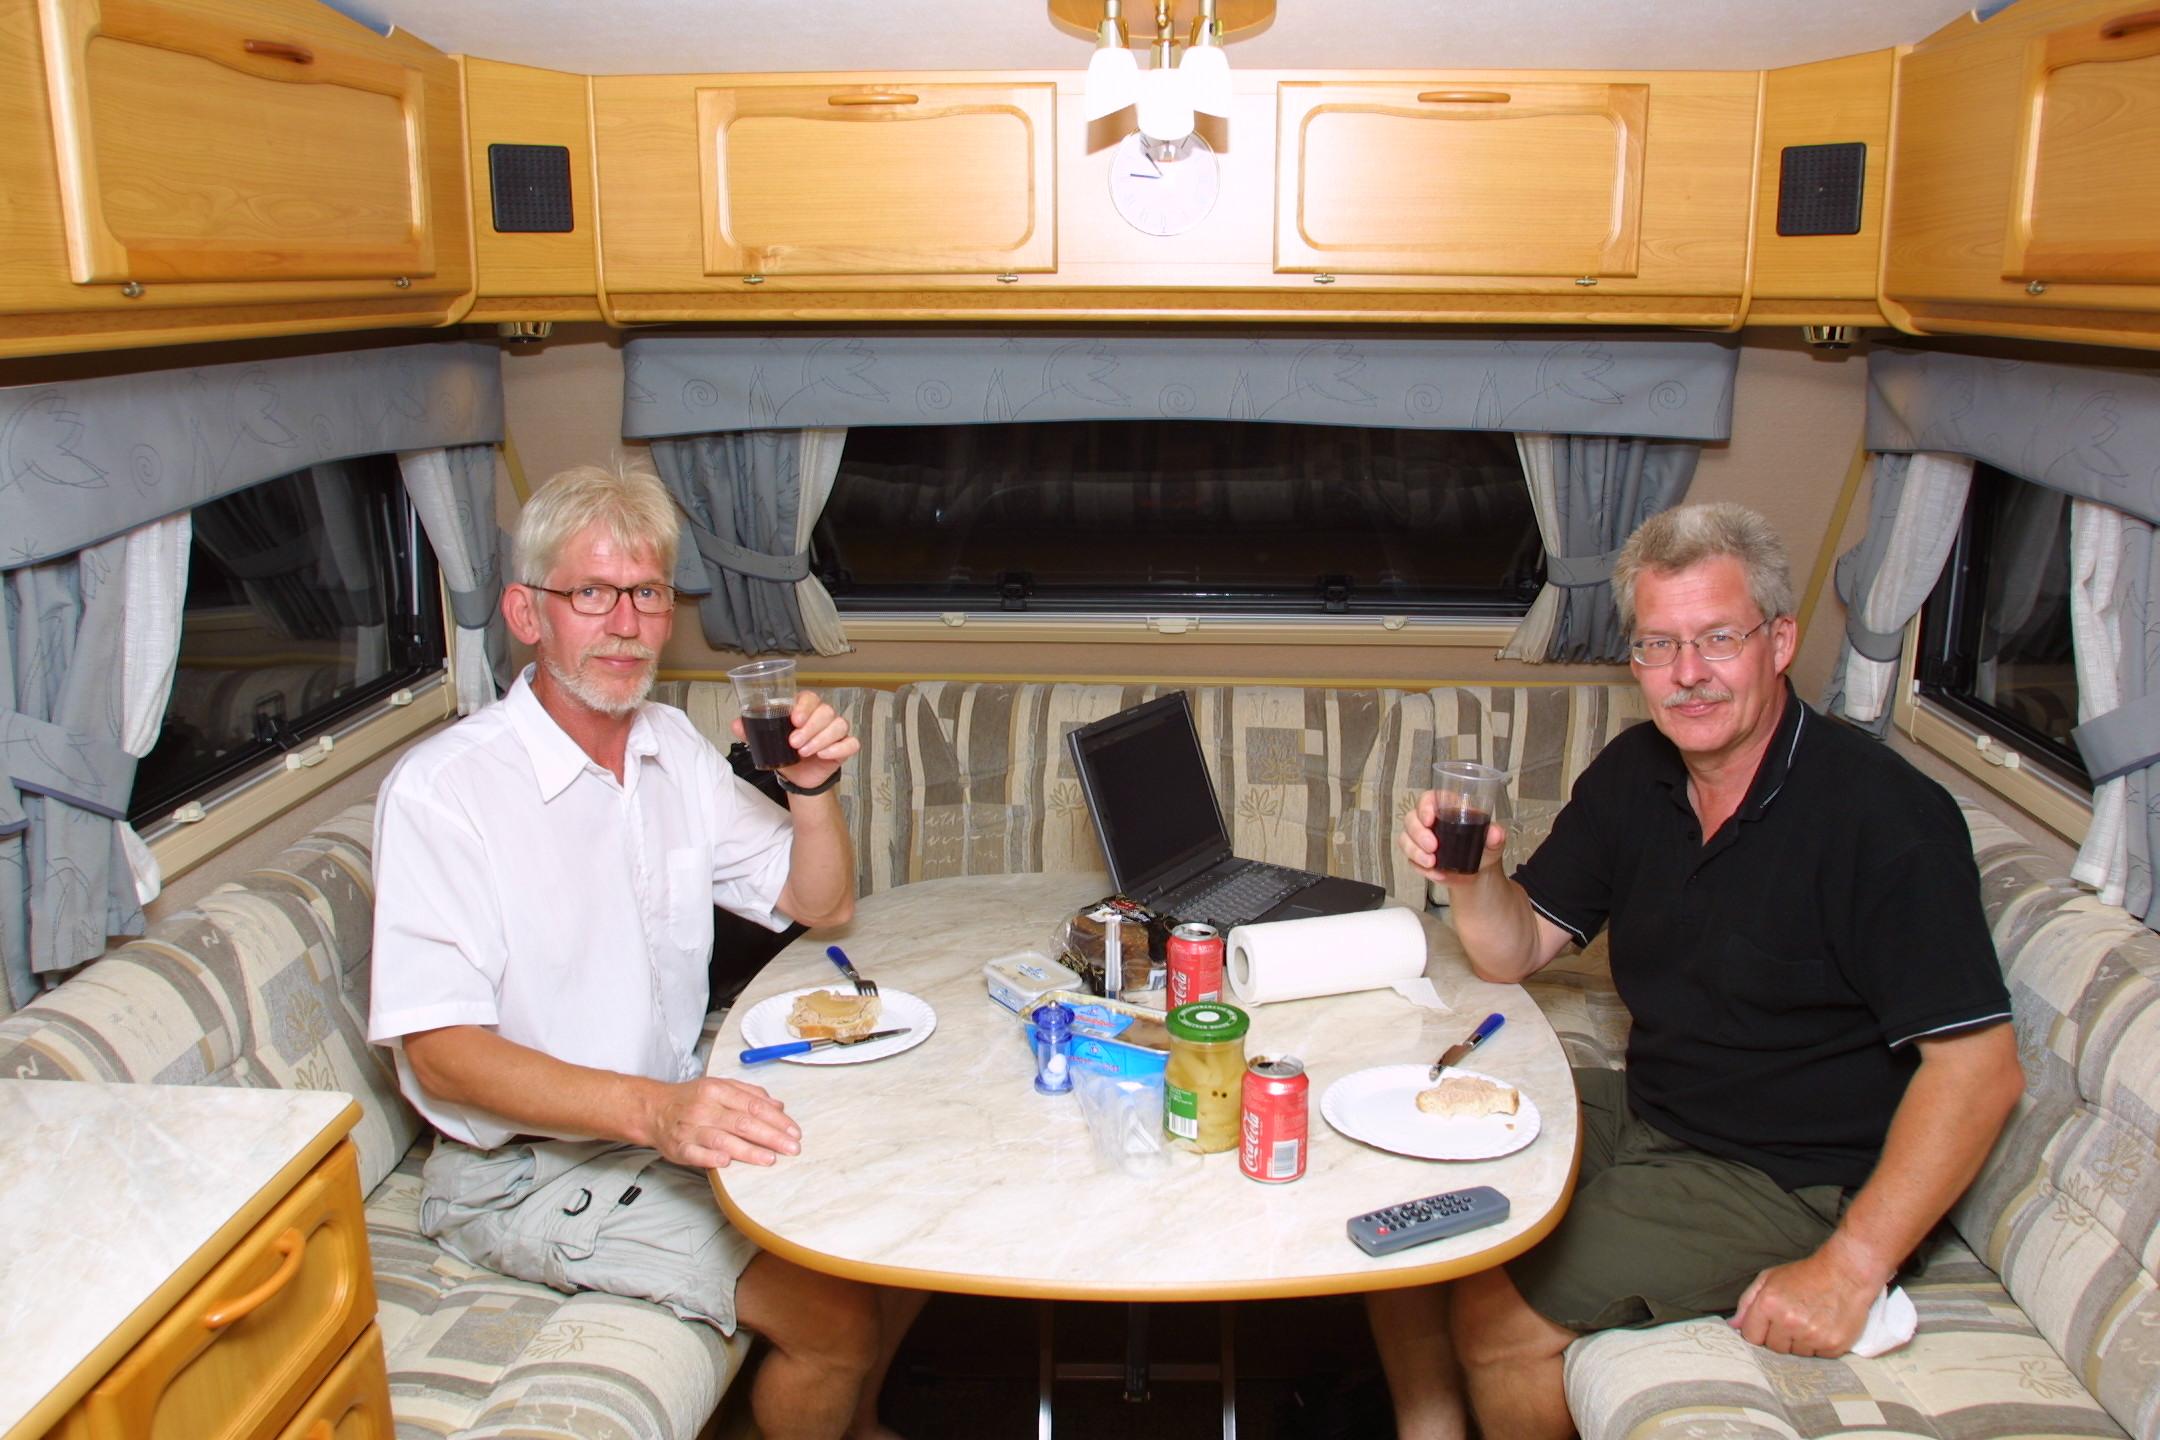 Luksus campingvogn Campingvognen var en KABE Royal 720 TDL King Size (250 cm bred), som blev trukket af en Hyundai Santa Fe, 2,0 turbo diesel med 4-hjulstræk.